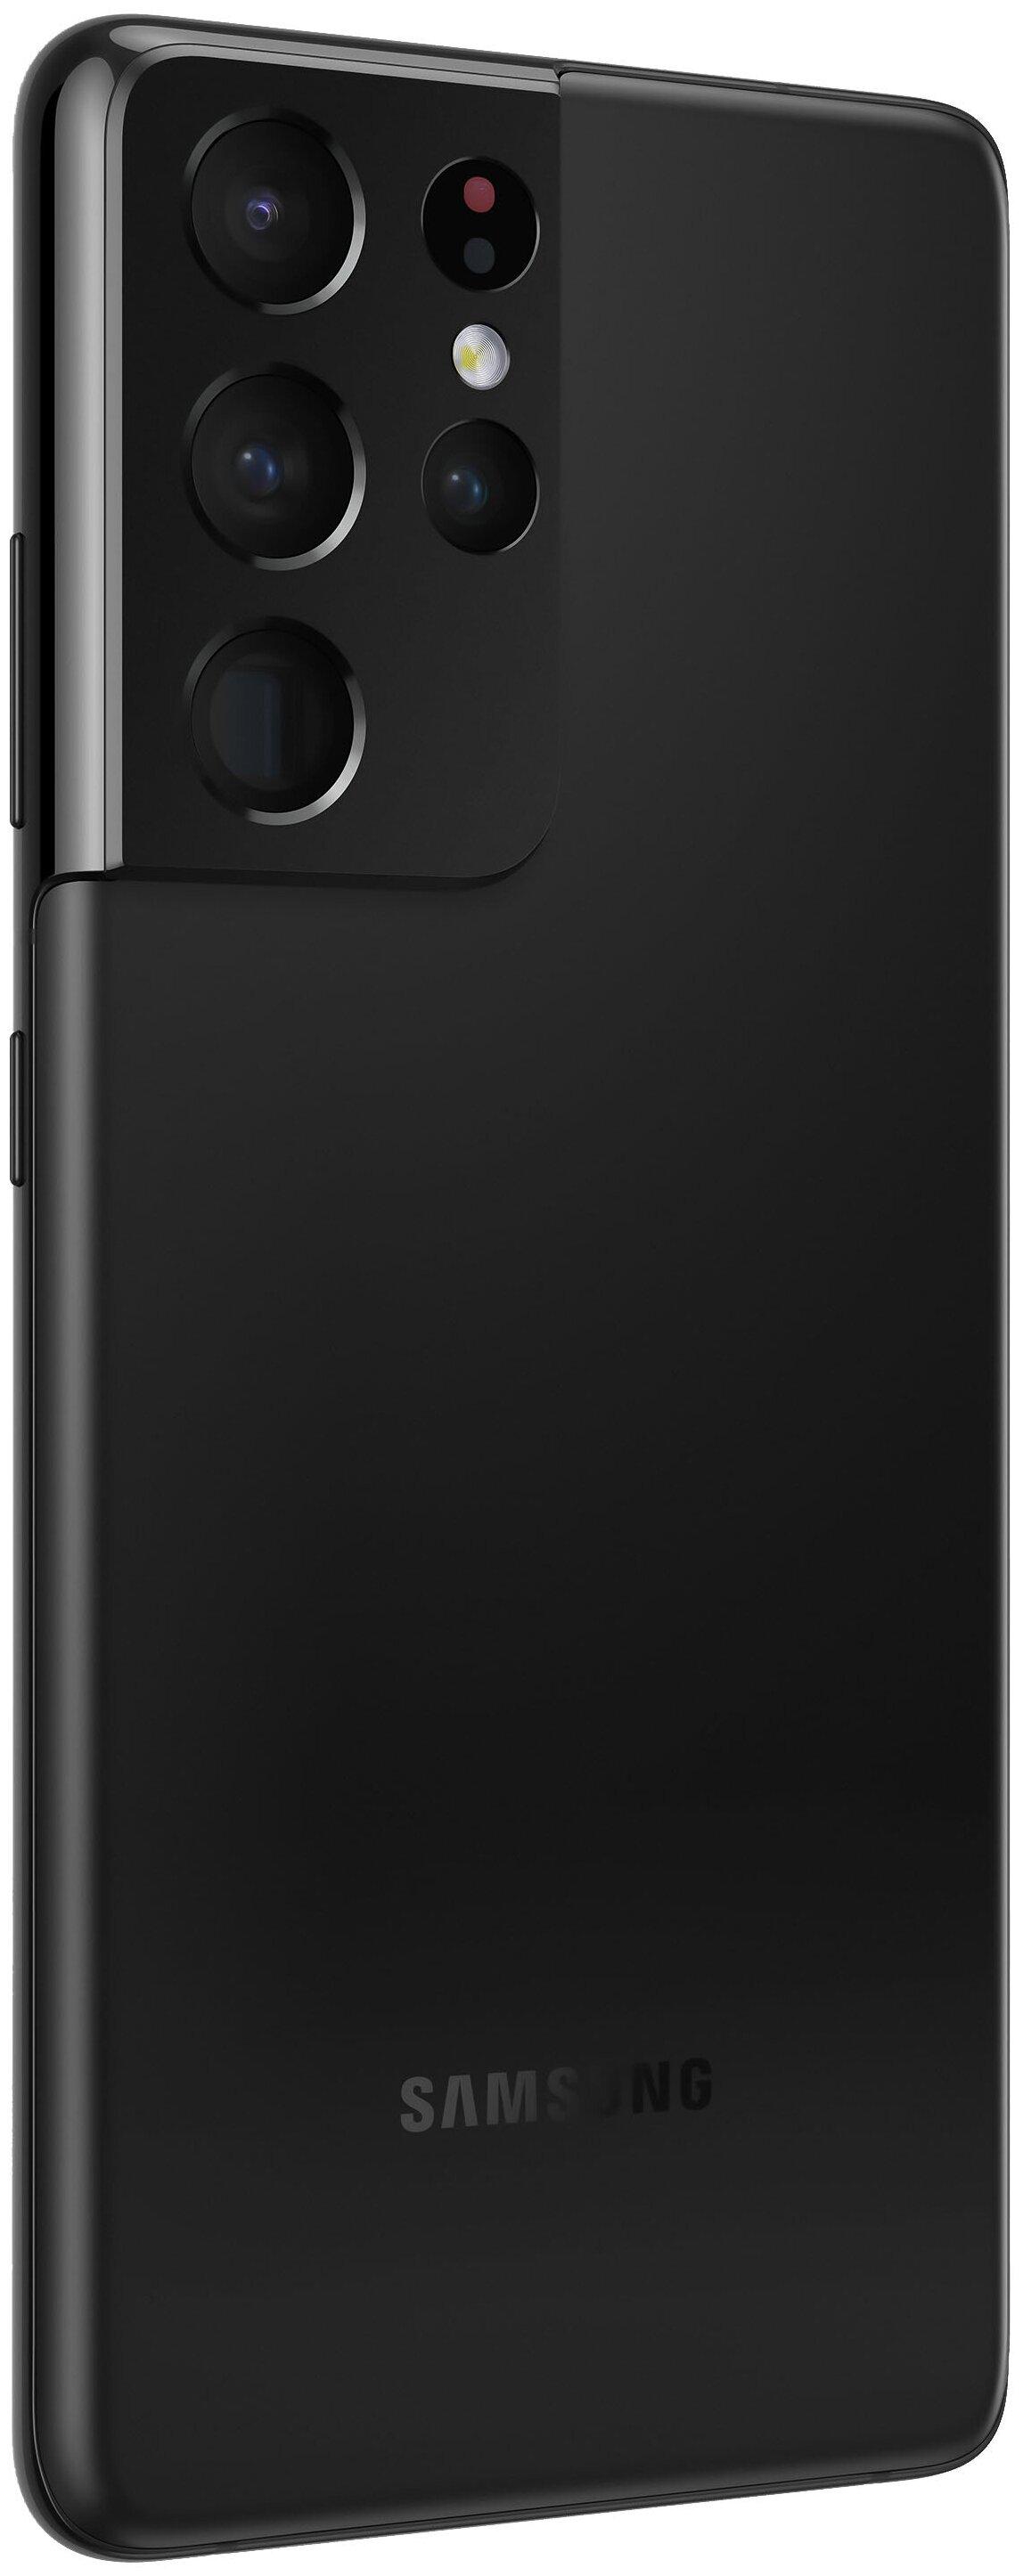 Samsung Galaxy S21 Ultra 5G 16/512GB - процессор: Samsung Exynos 2100